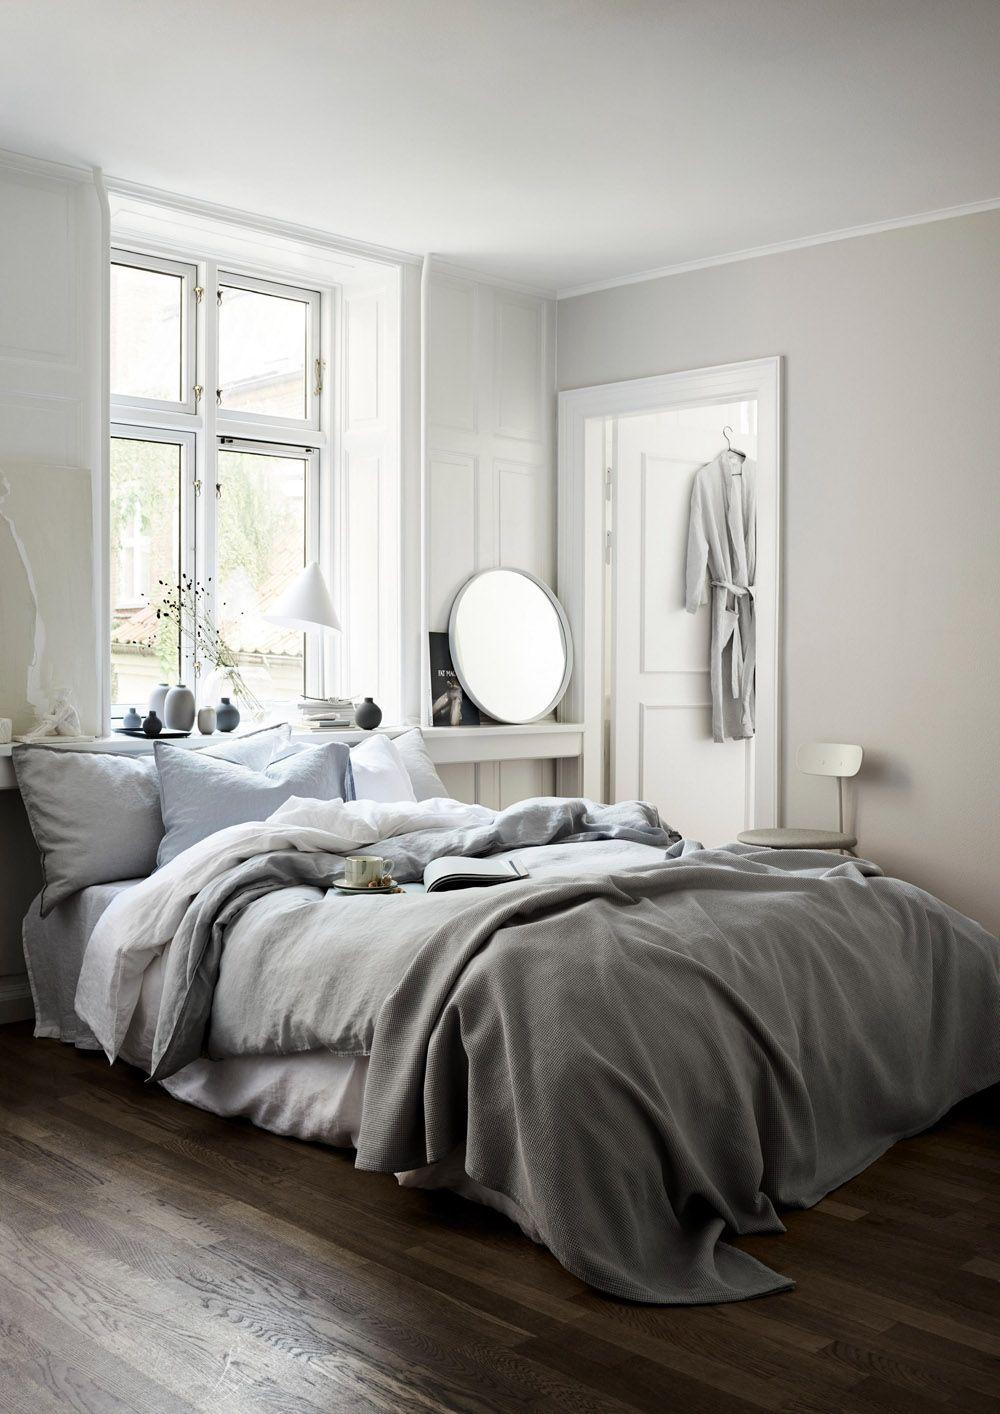 Unglaubliche wohndesign Ideen Wohnzimmer Ideen